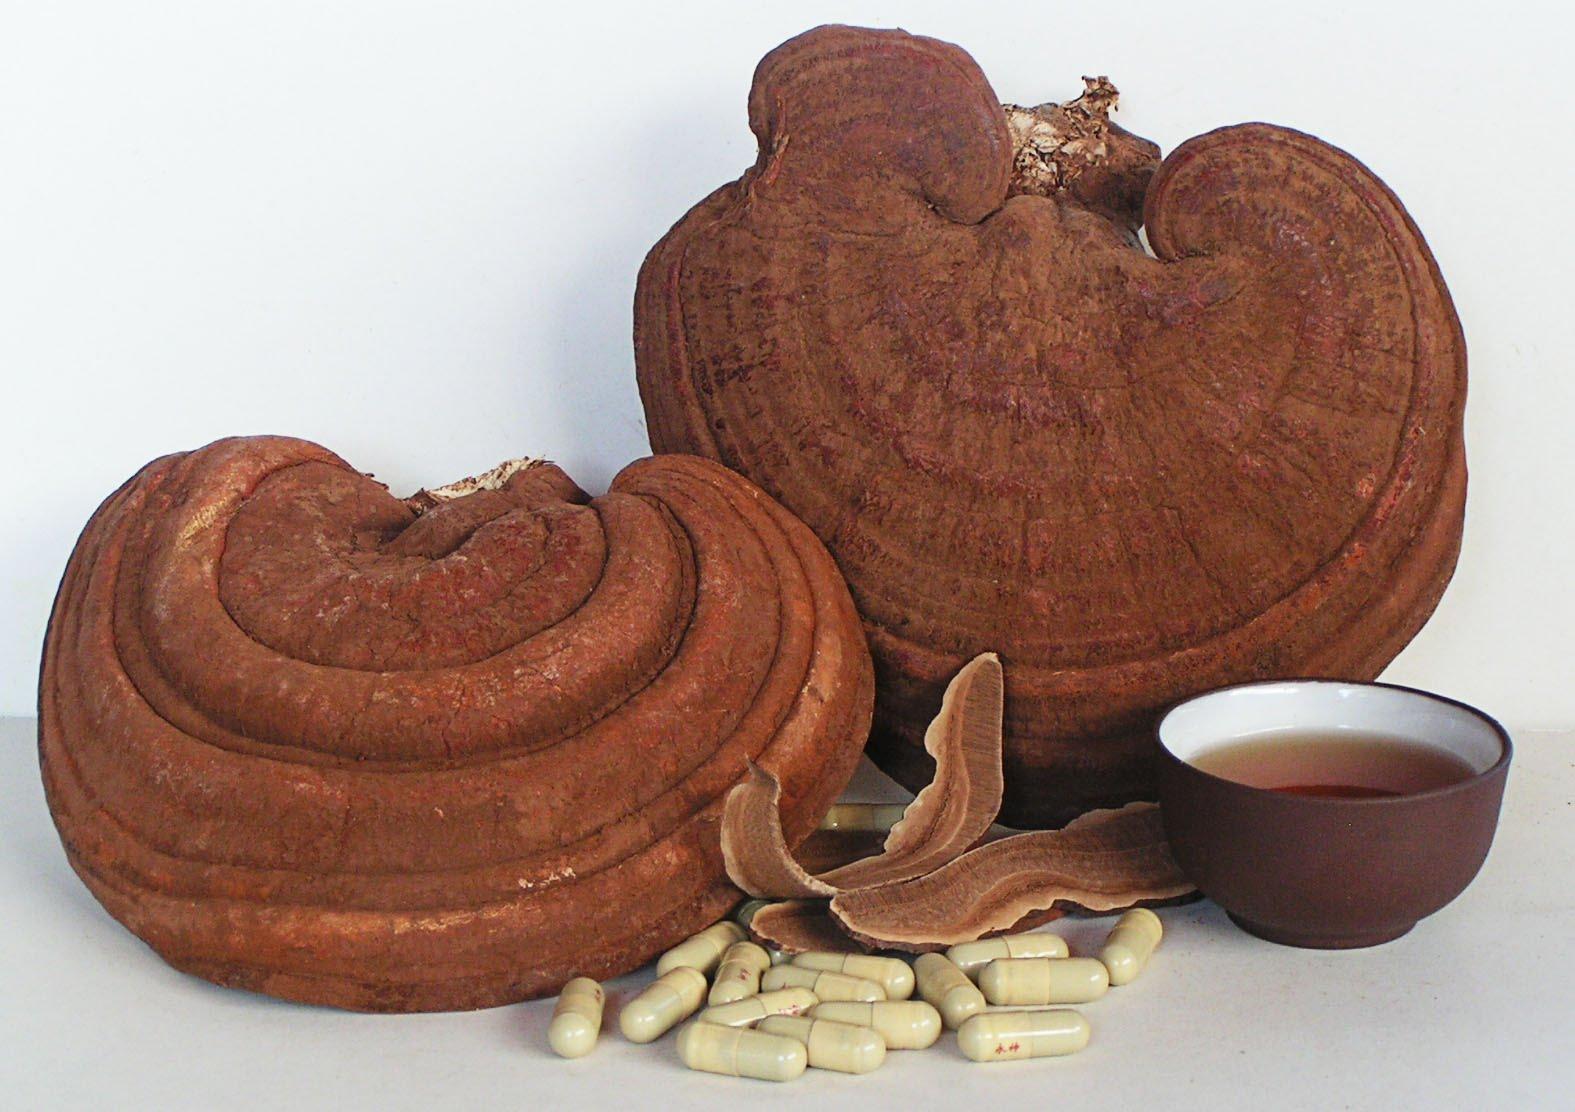 Dùng Nấm linh chi Hàn Quốc 2 tai 1kg hiệu quả